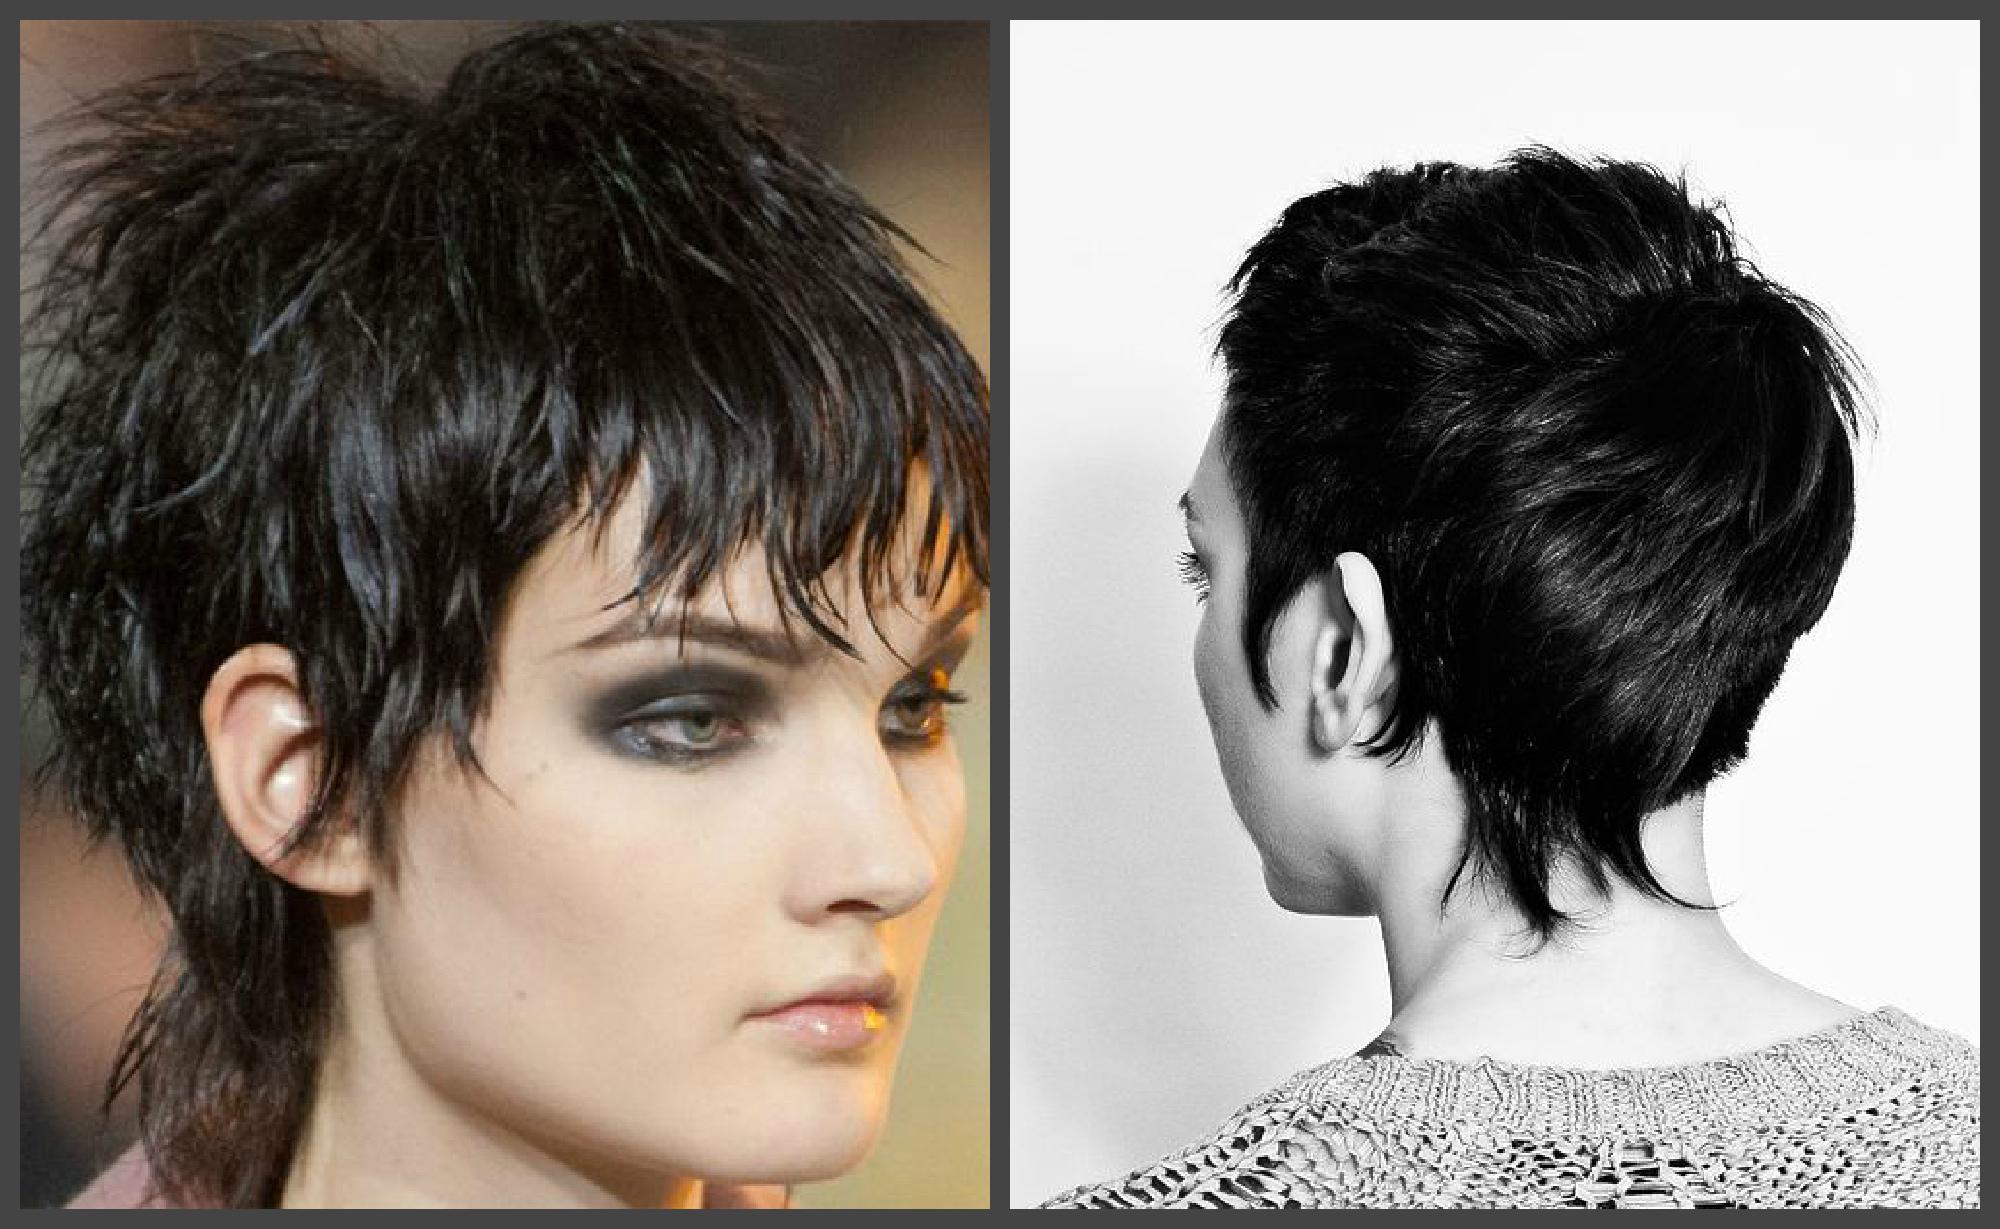 image62-1 | Модные женские стрижки на короткие волосы: основные правила и варианты исполнения